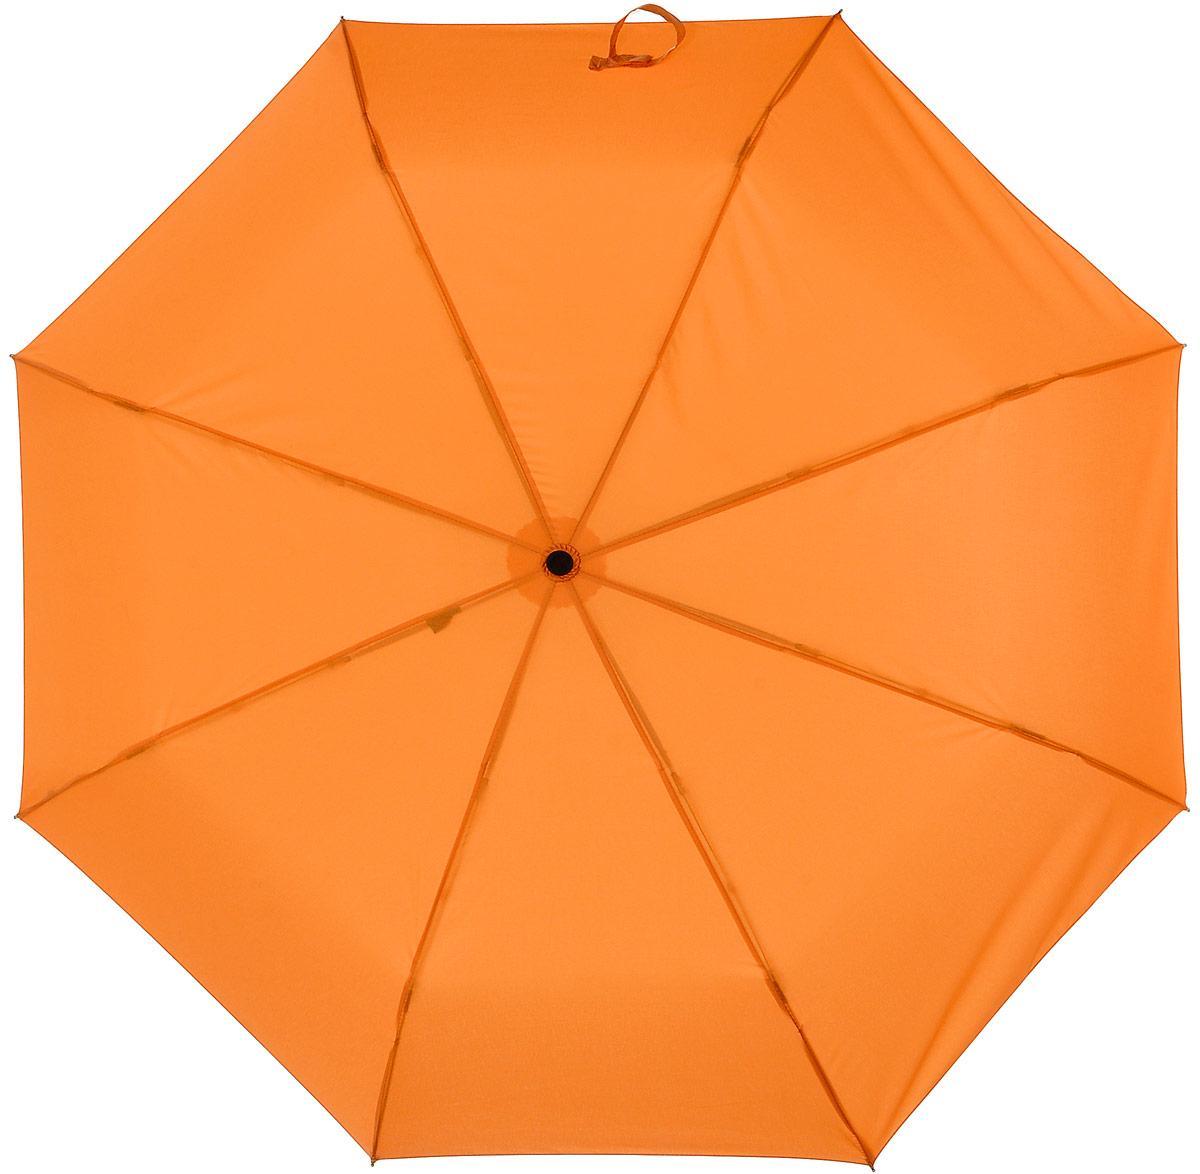 Зонт женский Labbra, цвет: оранжевый. A3-05-LT200A3-05-LT200Женский зонт-автомат торговой марки LABBRA с проявляющимся рисунком. Изображение на зонте начинает проявляться, как только ткань купола намокает, при высыхании рисунок тускнеет и исчезает. Купол: 100% полиэстер, эпонж. Материал каркаса: сталь + алюминий + фибергласс. Материал ручки: пластик. Длина изделия - 29 см. Диаметр купола - 105 см.